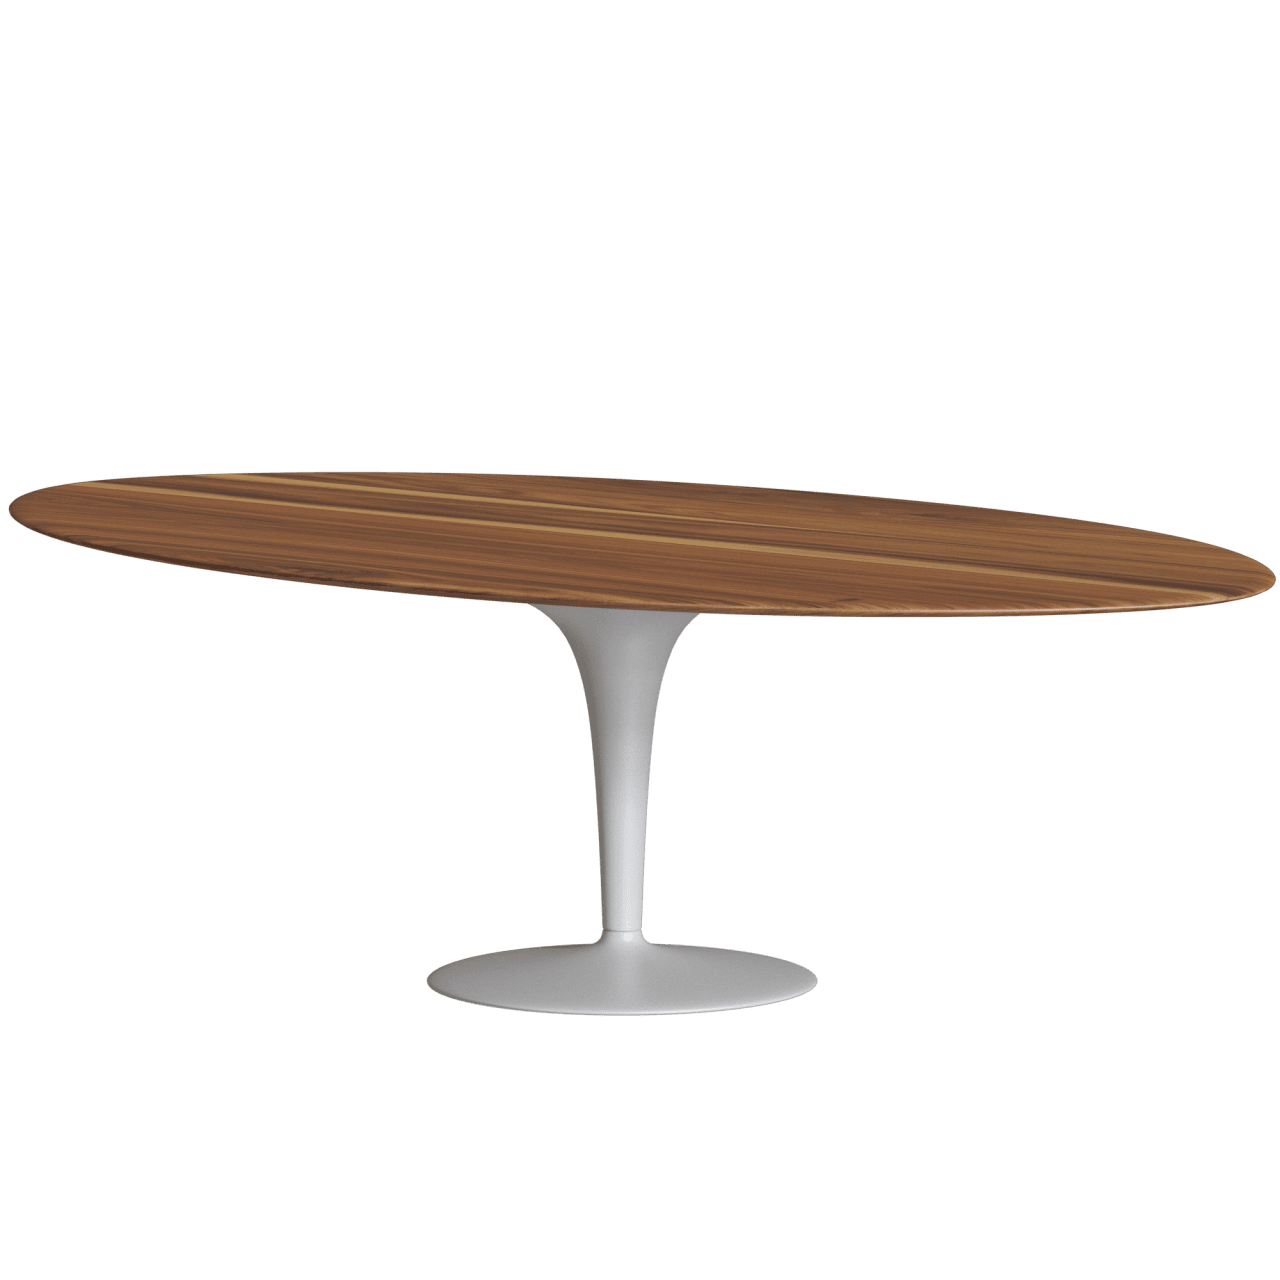 Saarinen Esstisch oval